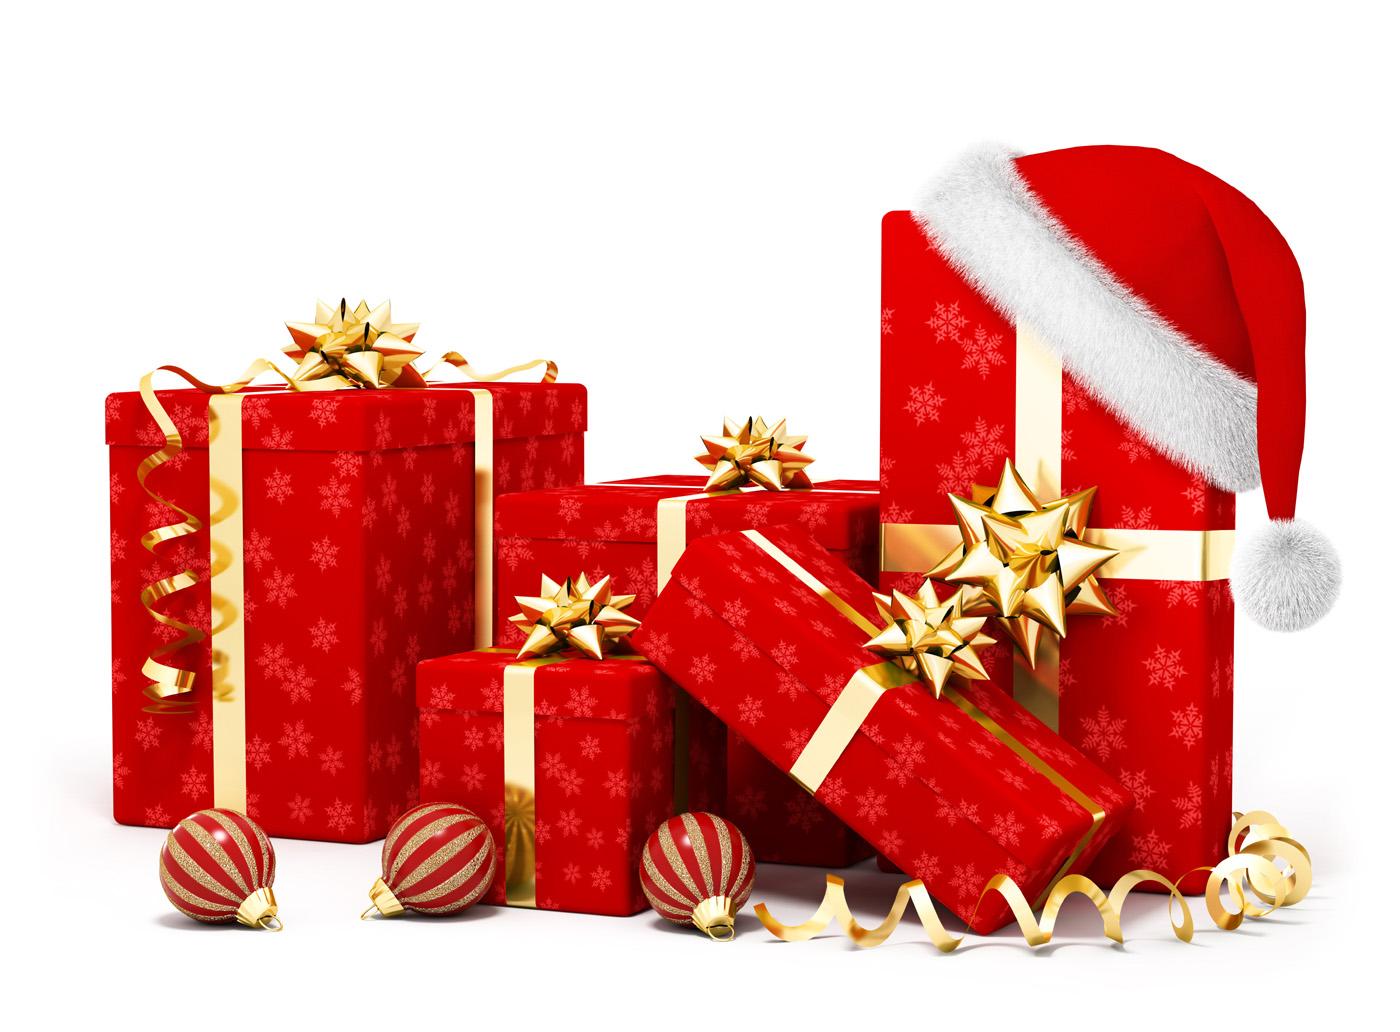 Hasil gambar untuk bingkisan kado natal